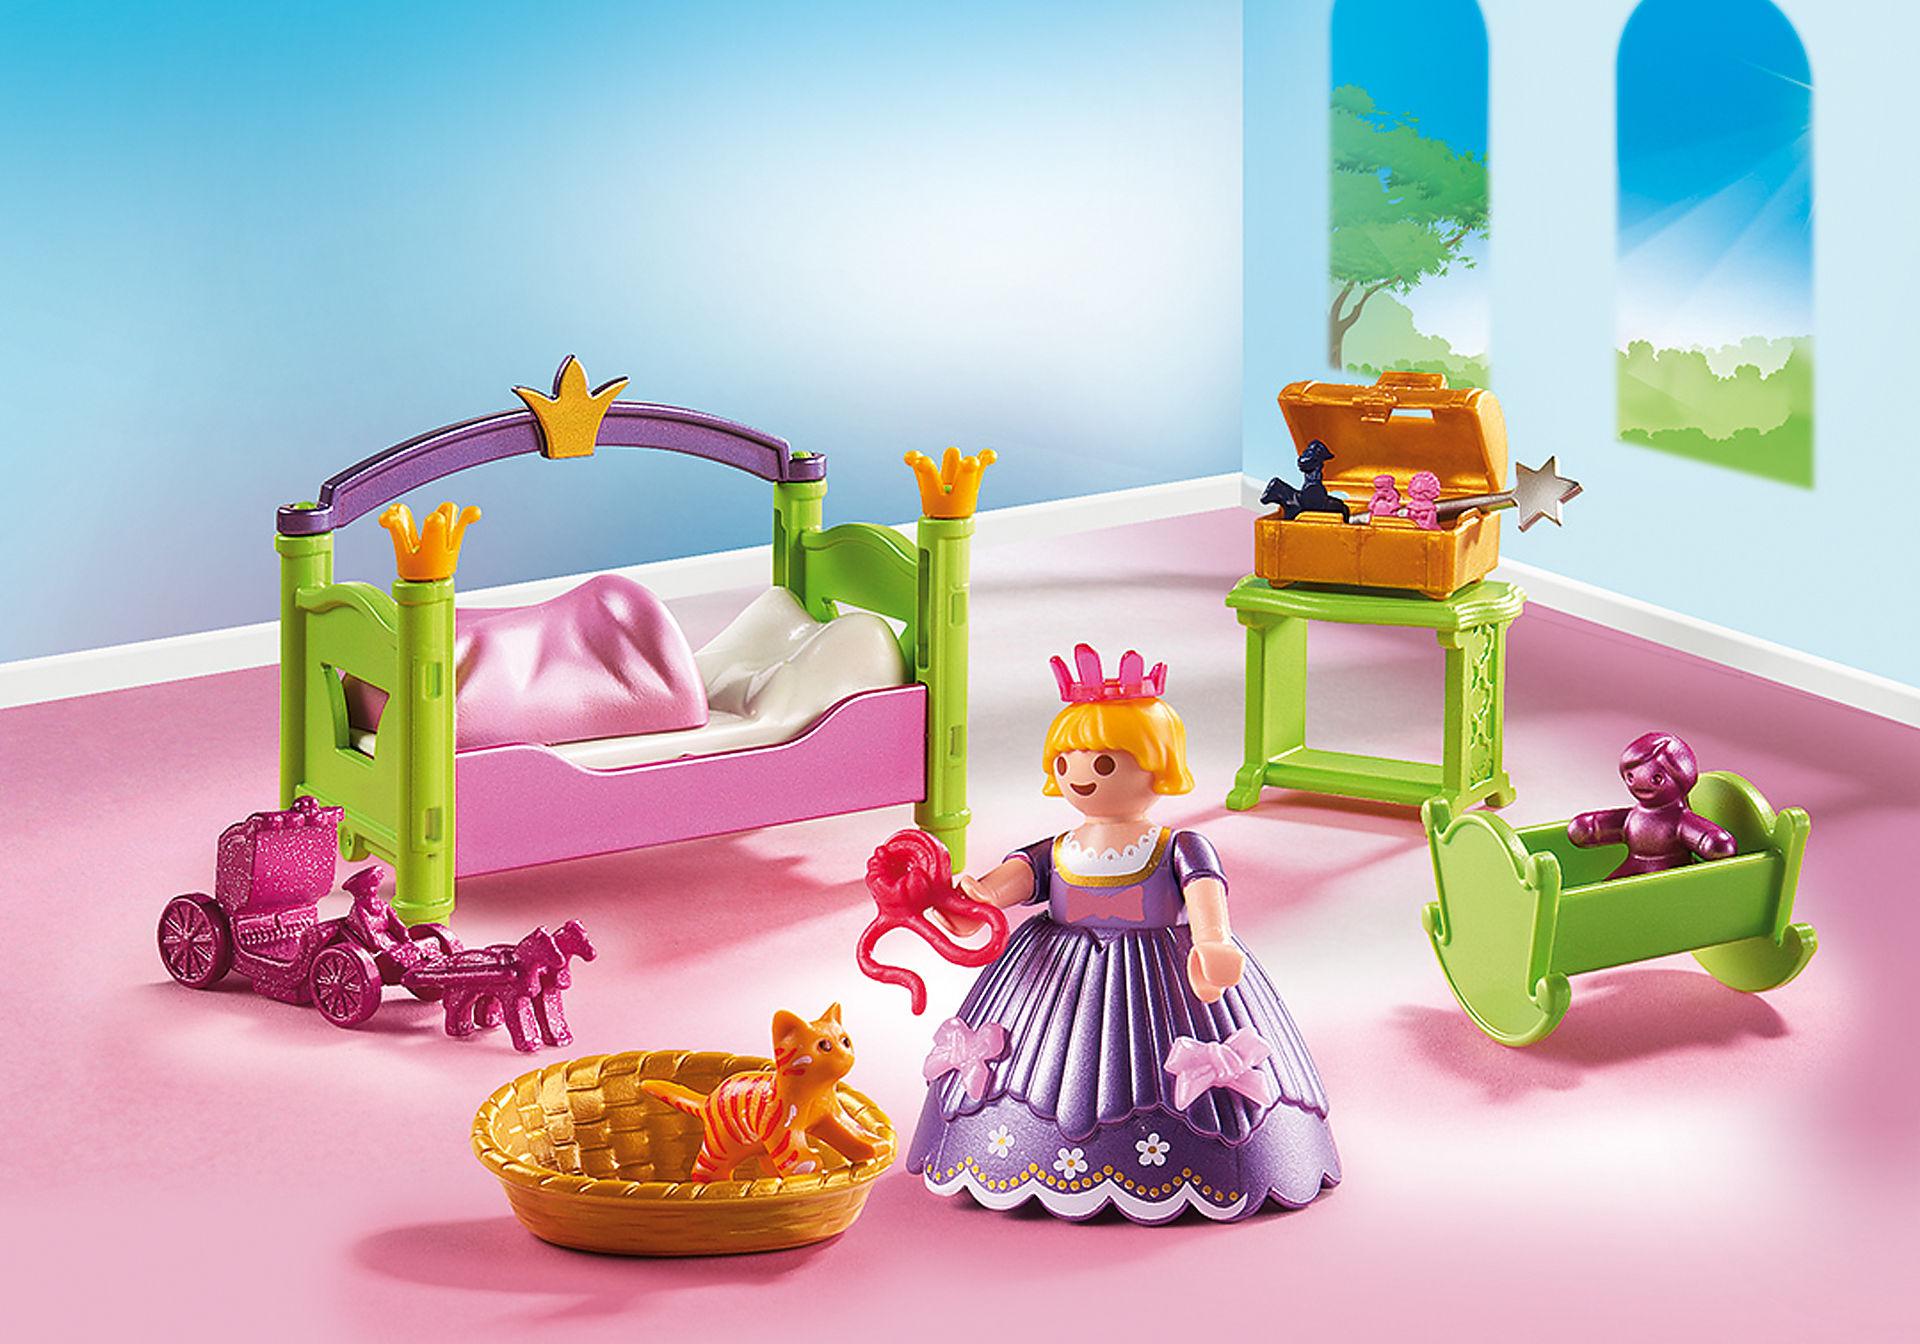 6852 Prinzessinnen-Kinderzimmer zoom image1